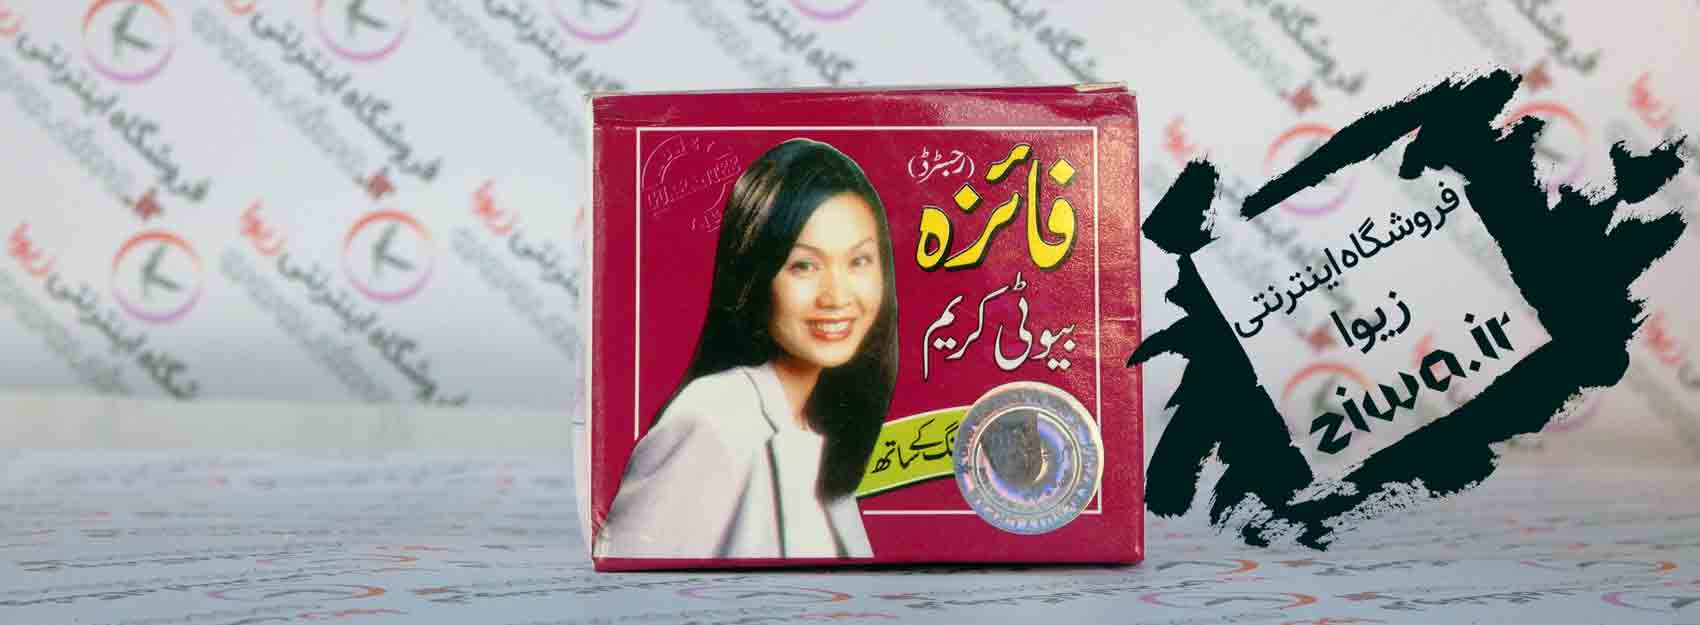 تصویر جعبه کرم فائزه